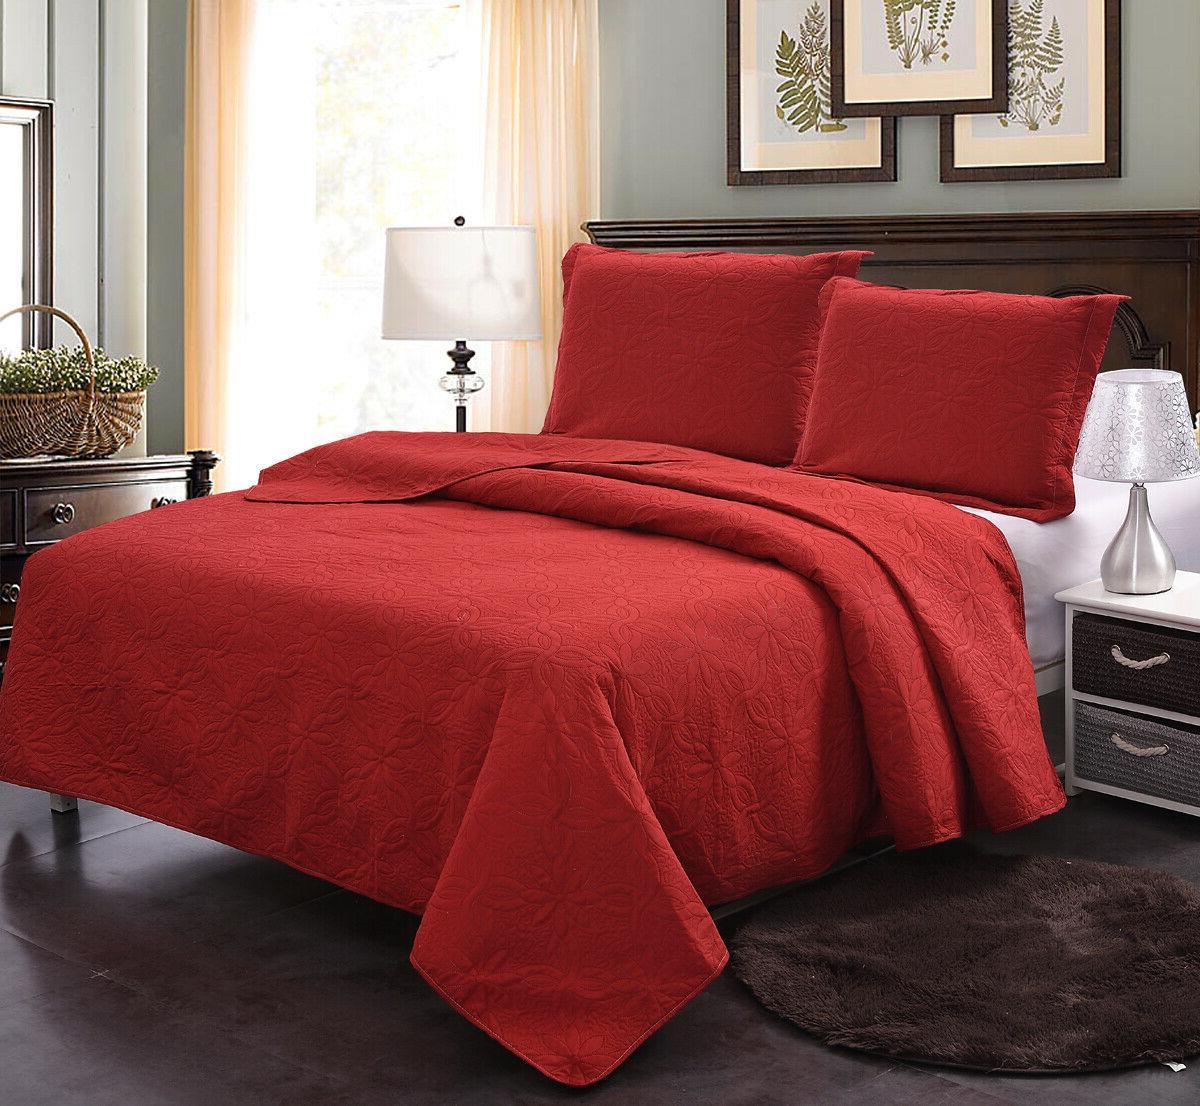 3-Piece Bedspread Set Quilt Queen/King